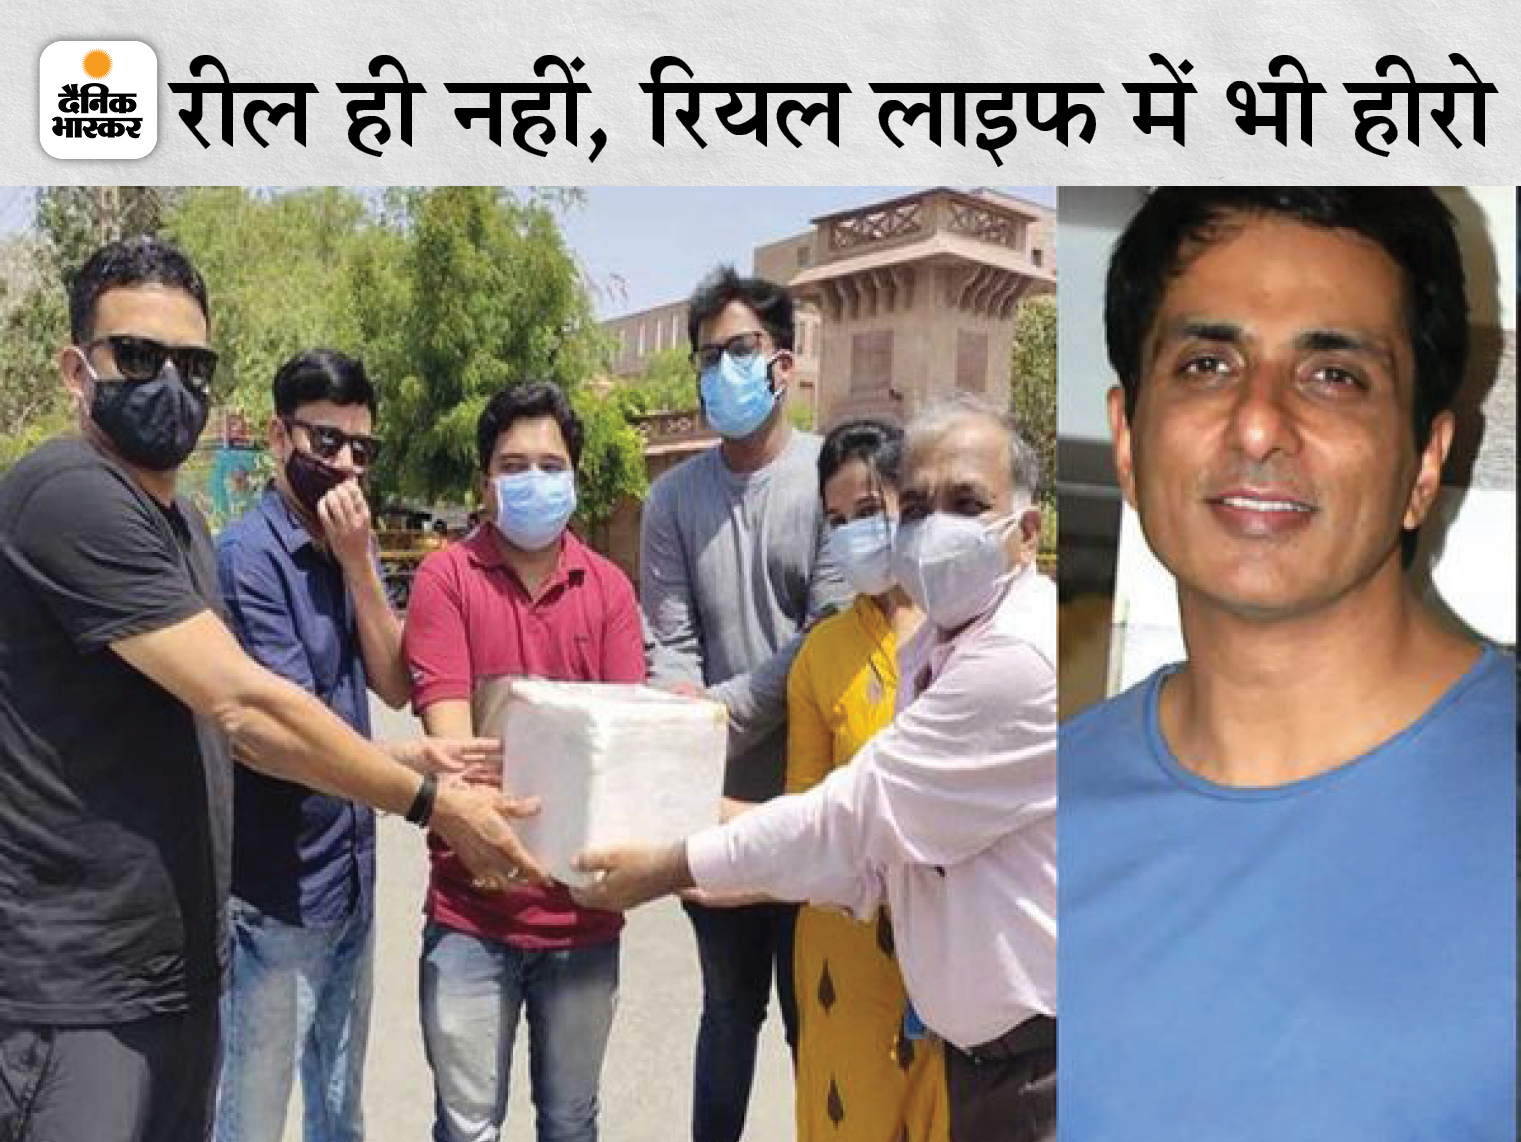 ब्लैक फंगस के इलाज के लिए मुंबई से जोधपुर भेजे 10 इंजेक्शन, AIIMS में भर्ती युवक ने सोशल मीडिया पर मांगी थी मदद|जोधपुर,Jodhpur - Dainik Bhaskar